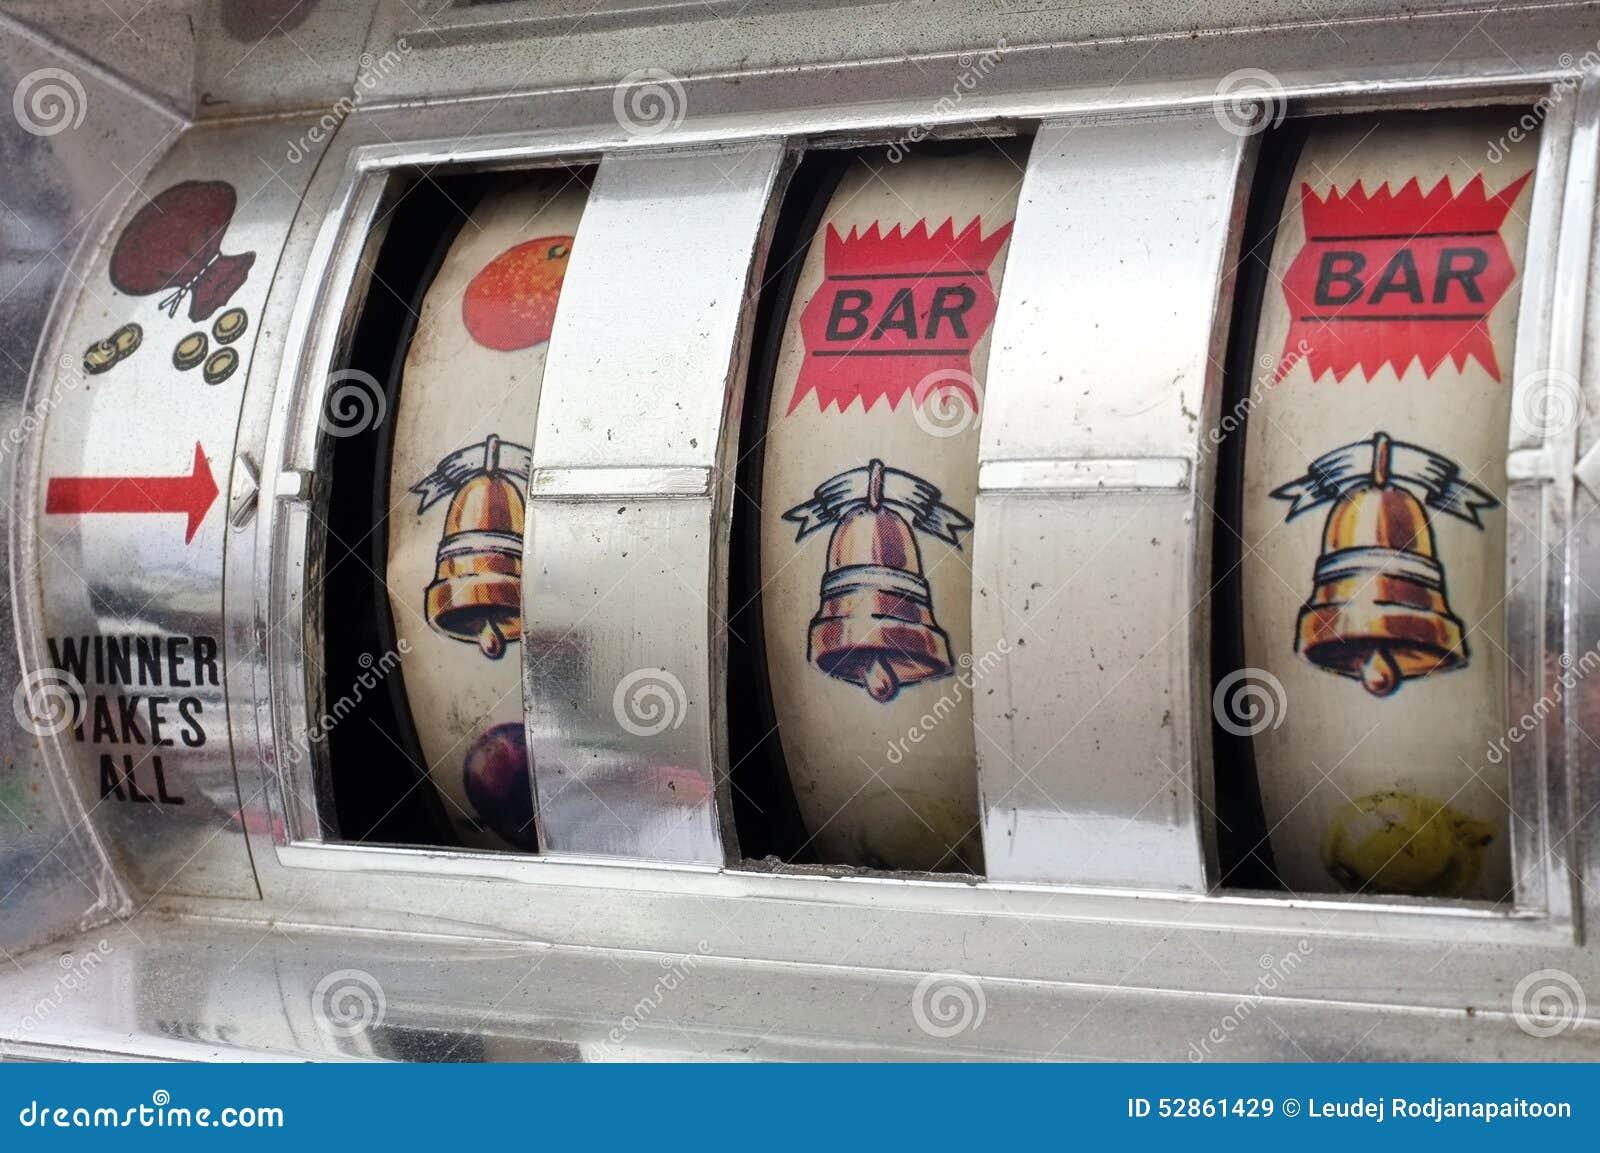 online casino bonus geld 20 fach umsetzen